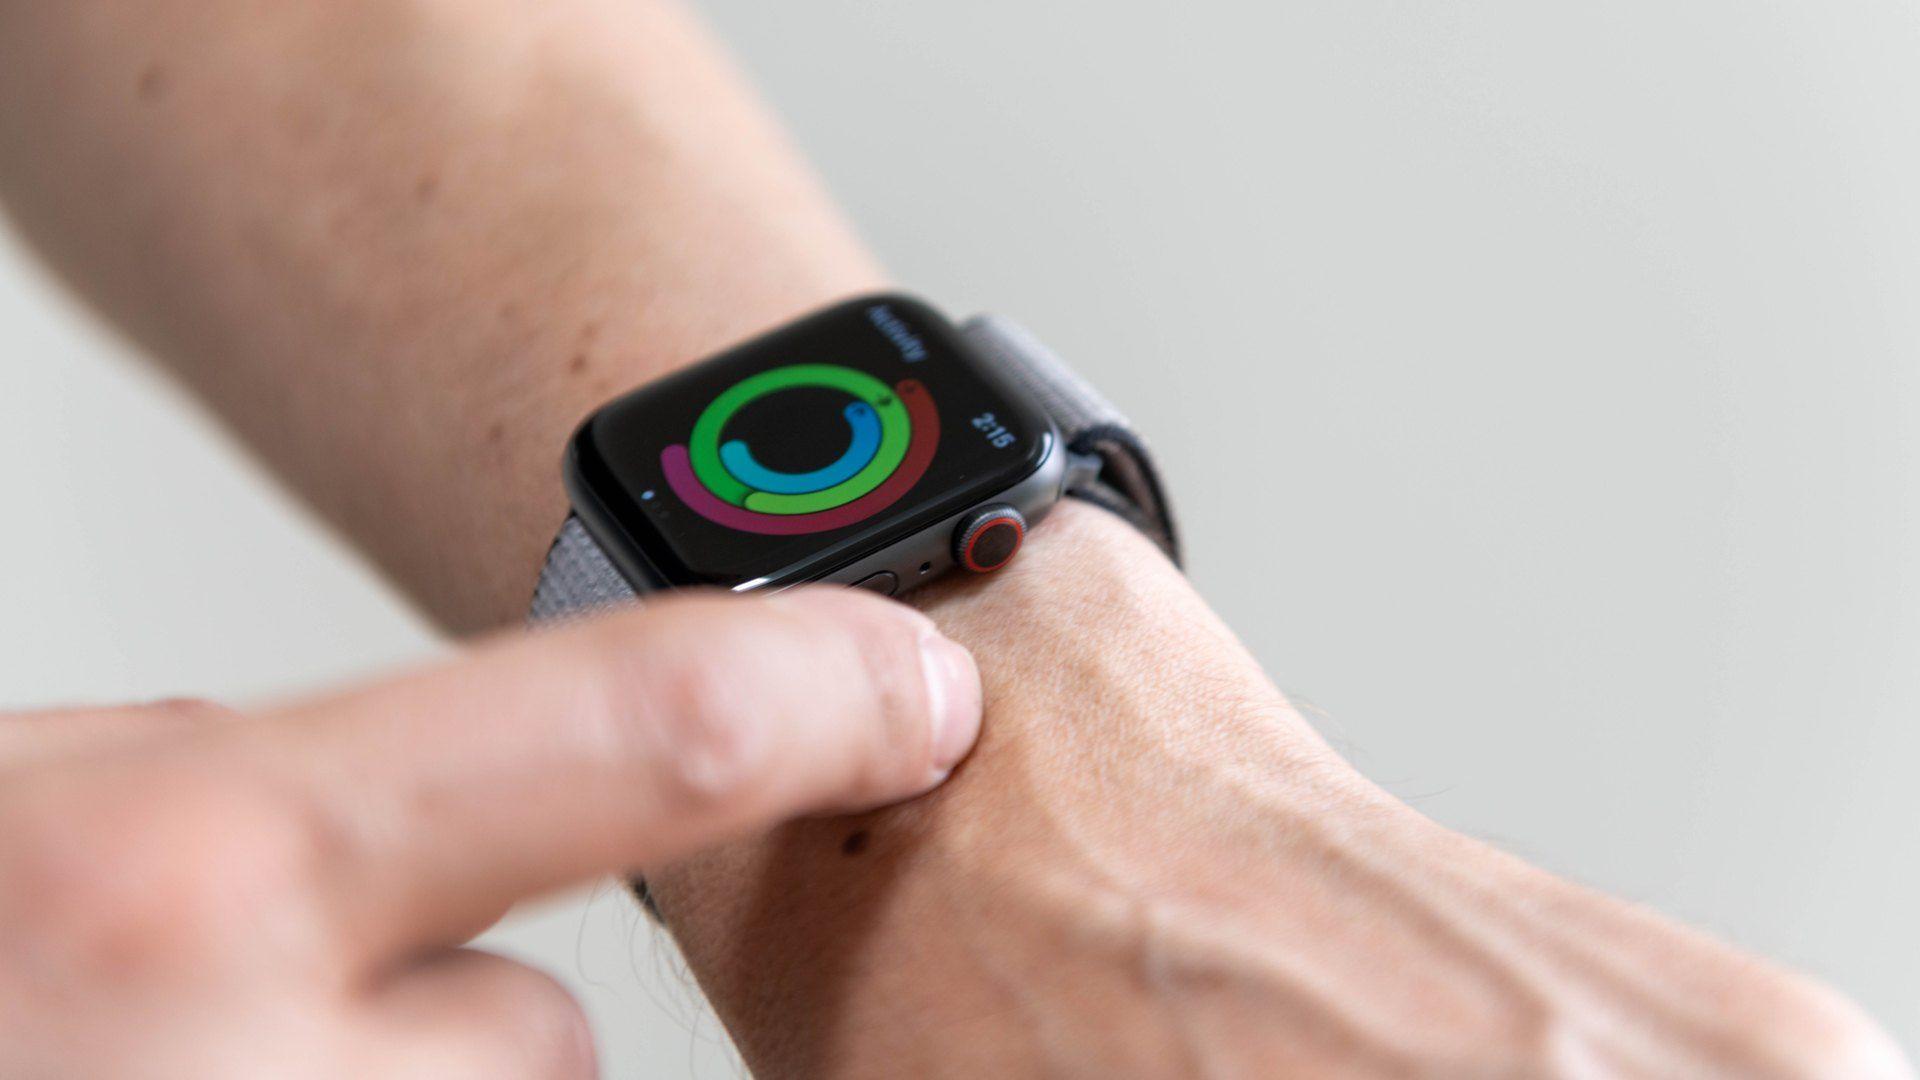 Apple Watch 5 no pulso de homem com monitoramento de atividade física